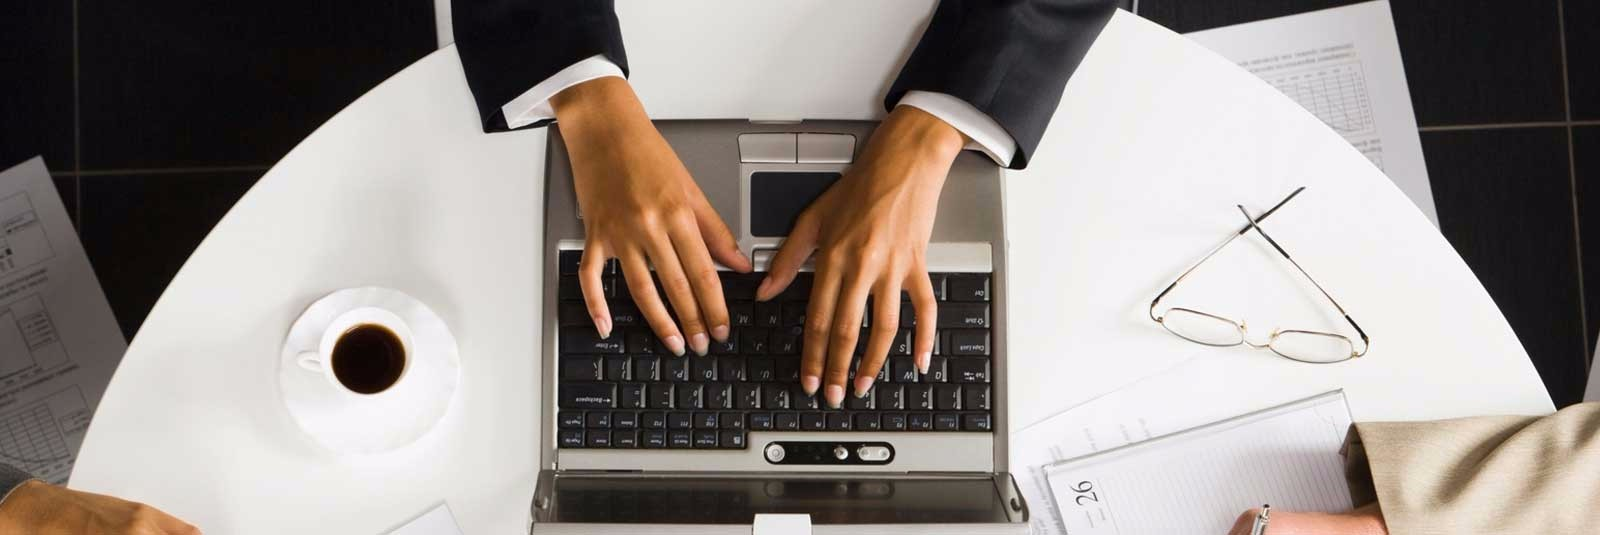 Découvrez des opportunités de carrière à la hauteur de vos ambitions